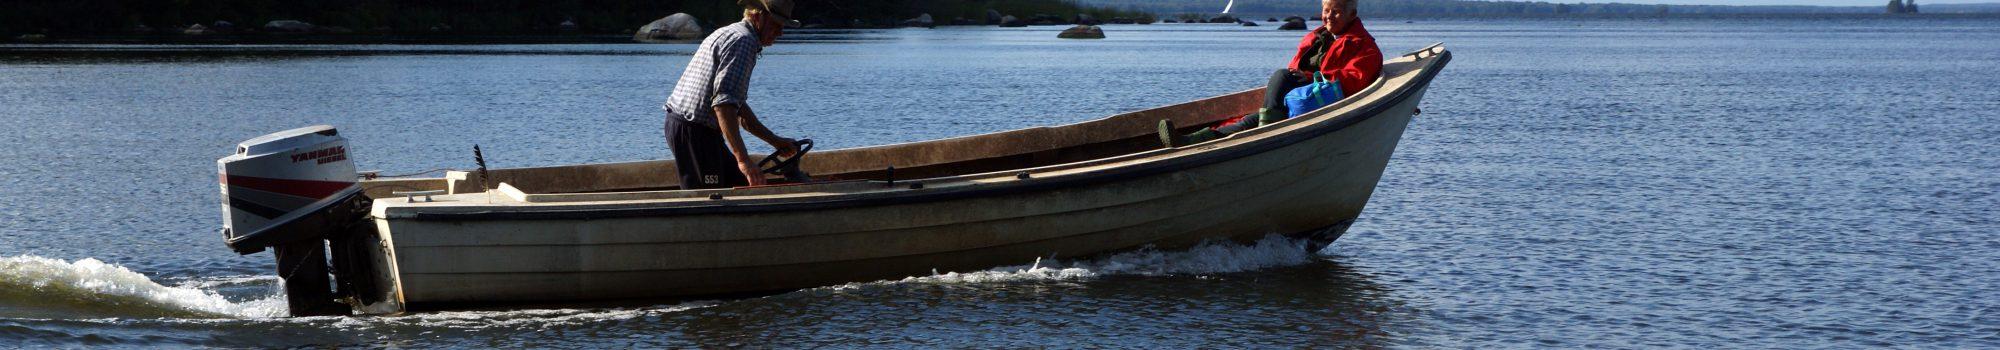 Båtunderhåll